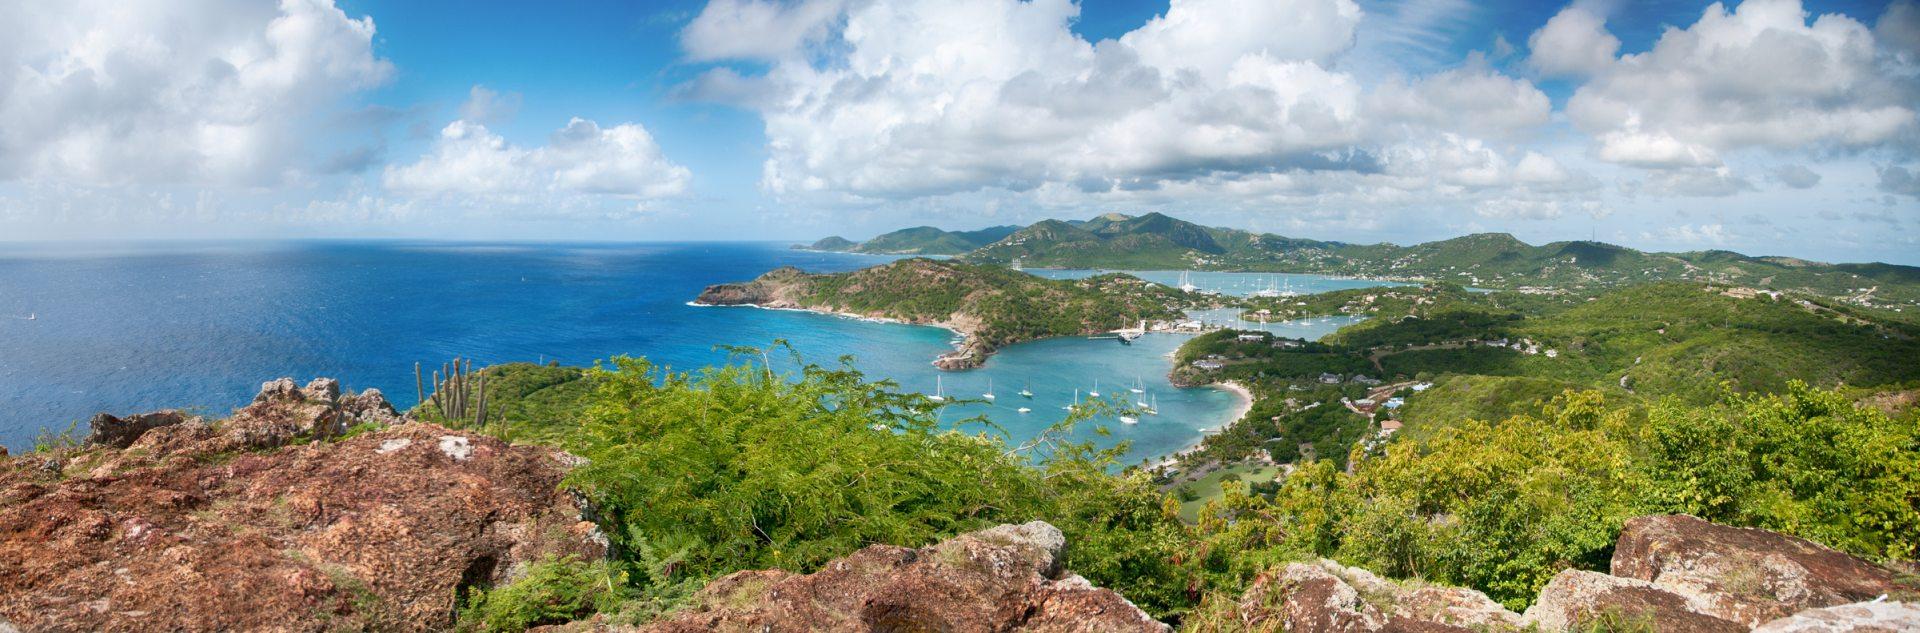 Comment réussir son voyage en Martinique ?